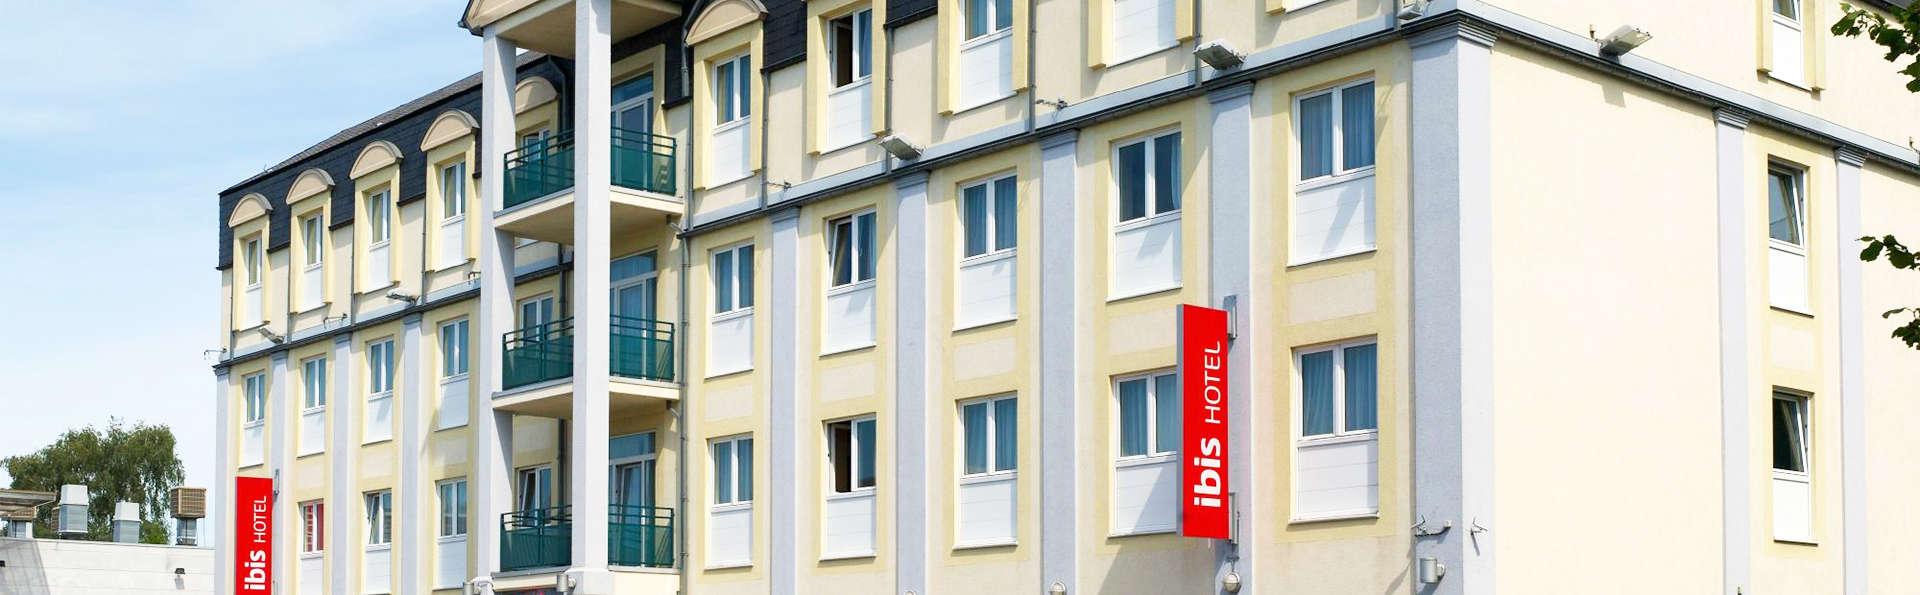 ibis Liège Boncelles - EDIT_front4.jpg